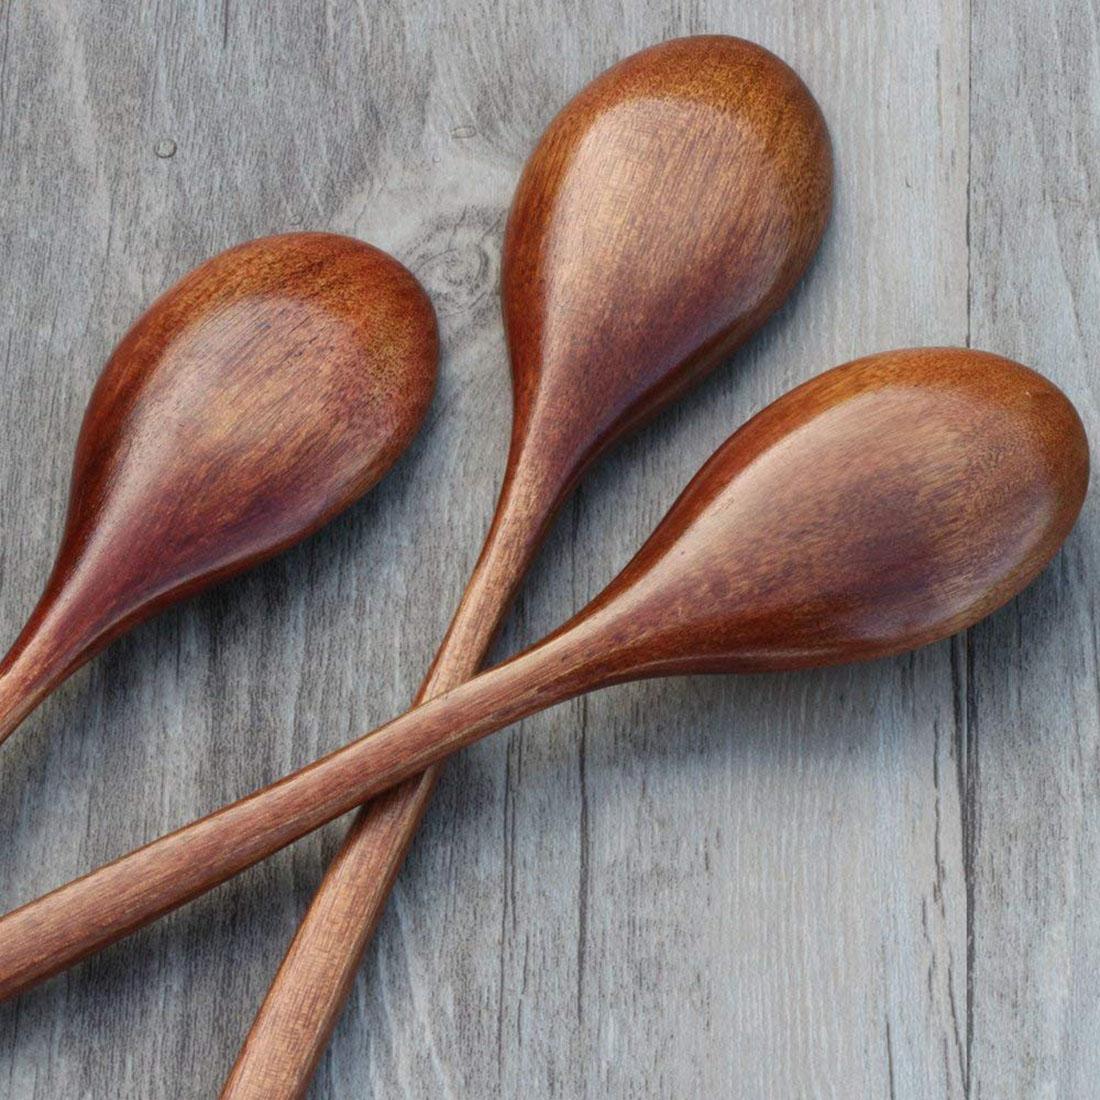 5 Stück Holz Löffel Kochen Rühren Essen Küche Japanischen Stil Kleine Löffe